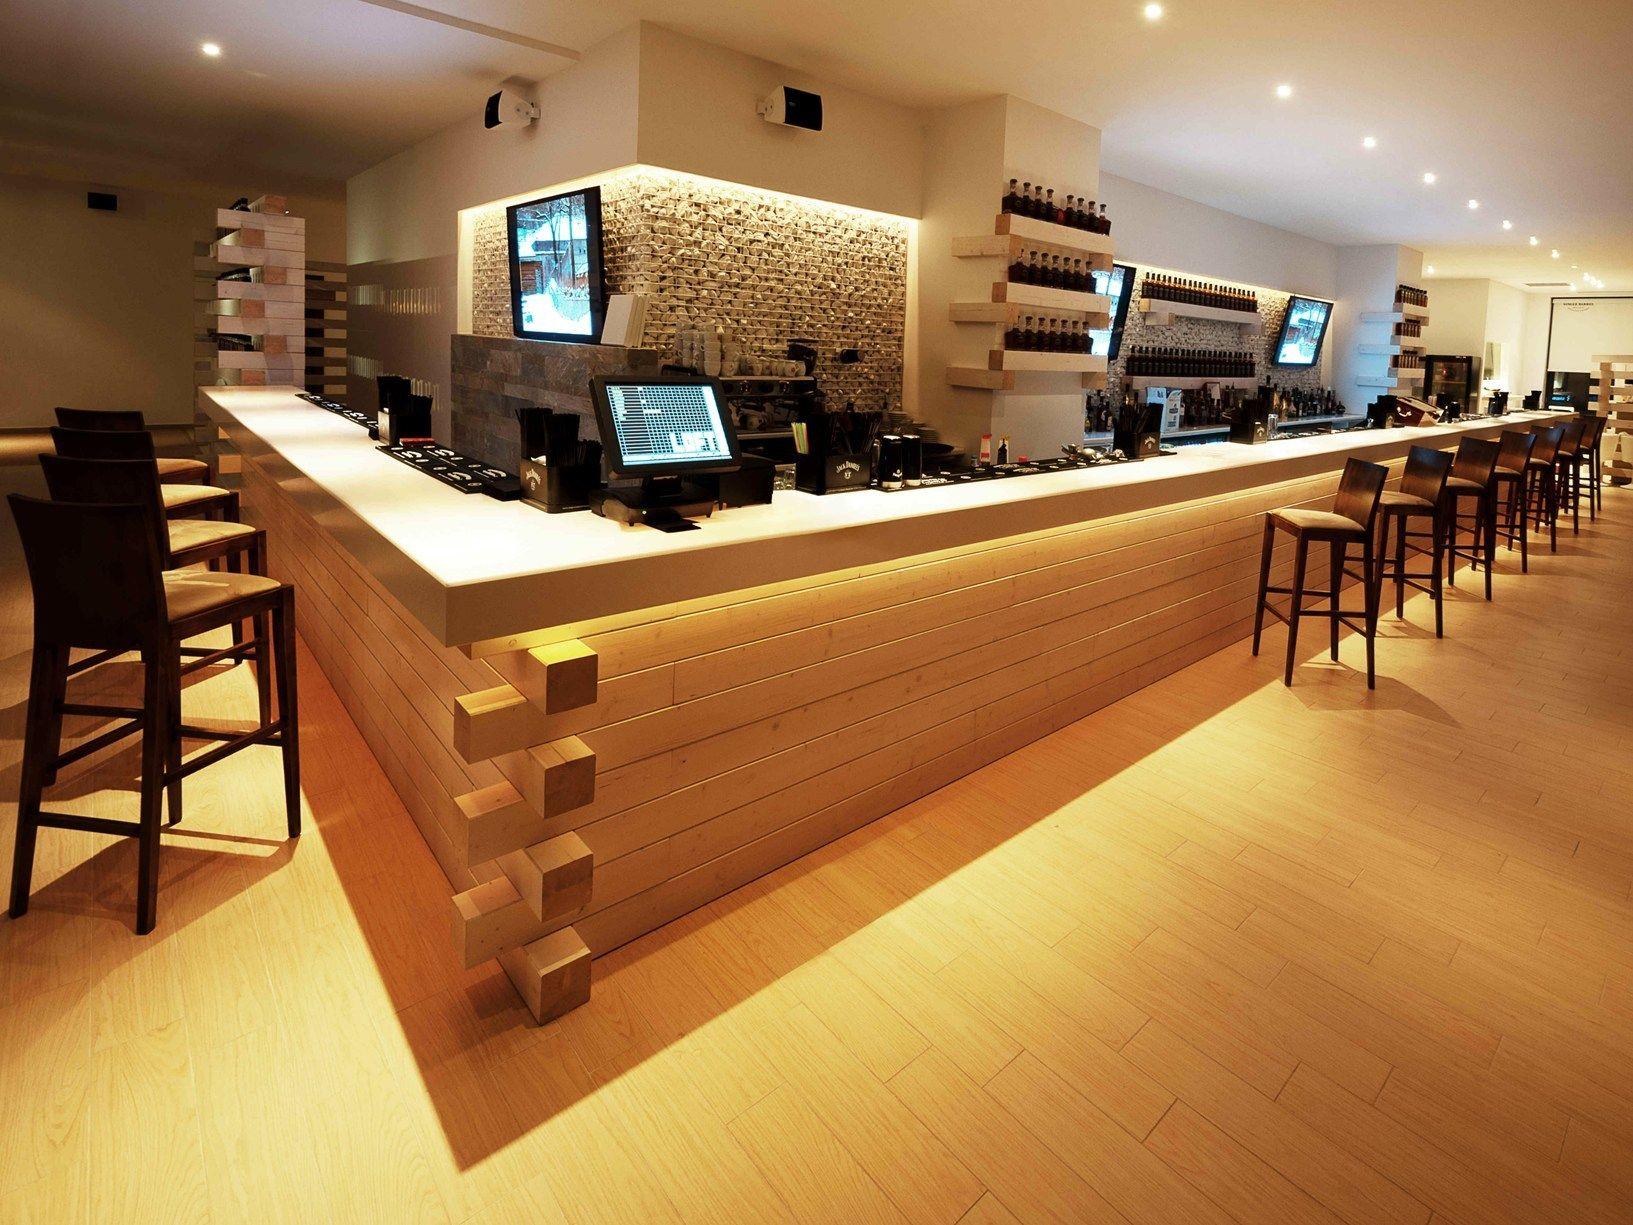 Foto barra de bar de reformes i projectes barcelona dise for Modelos de barras de bar para casas